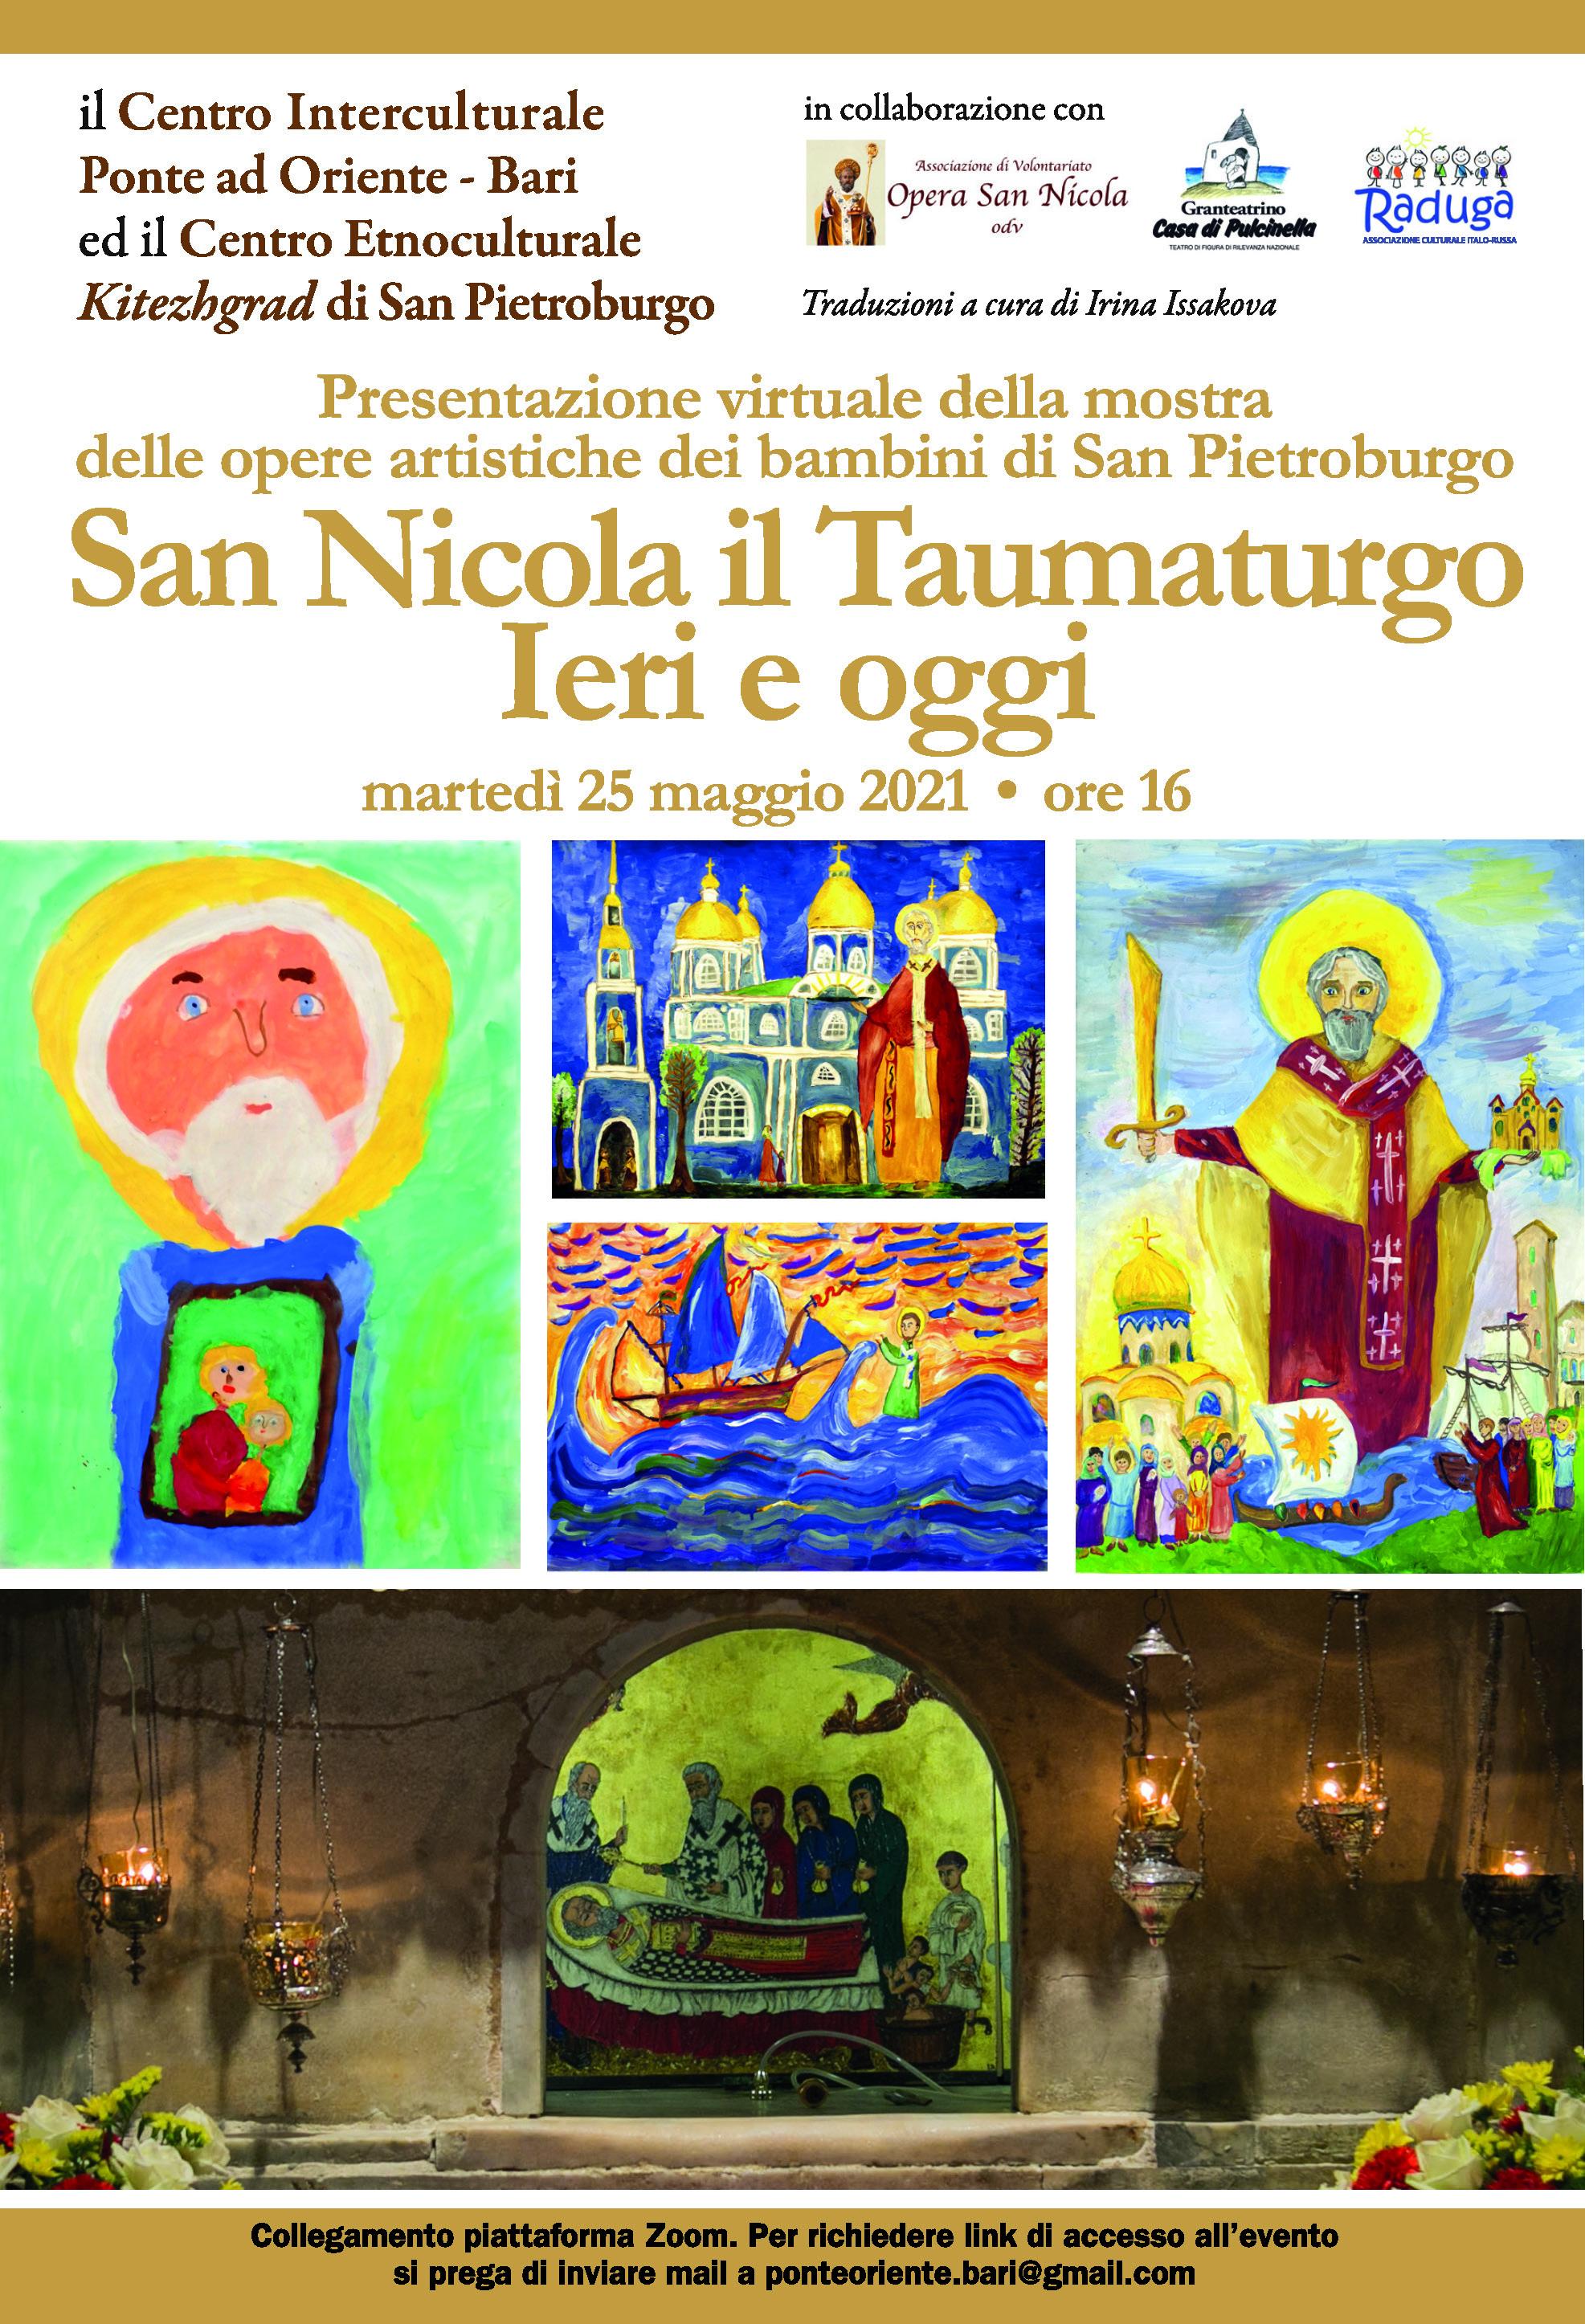 Locandina San Nicola il Taumaturgo Ieri e oggi presentazione virtuale della mostra delle opere dei bambini di San Pietroburgo